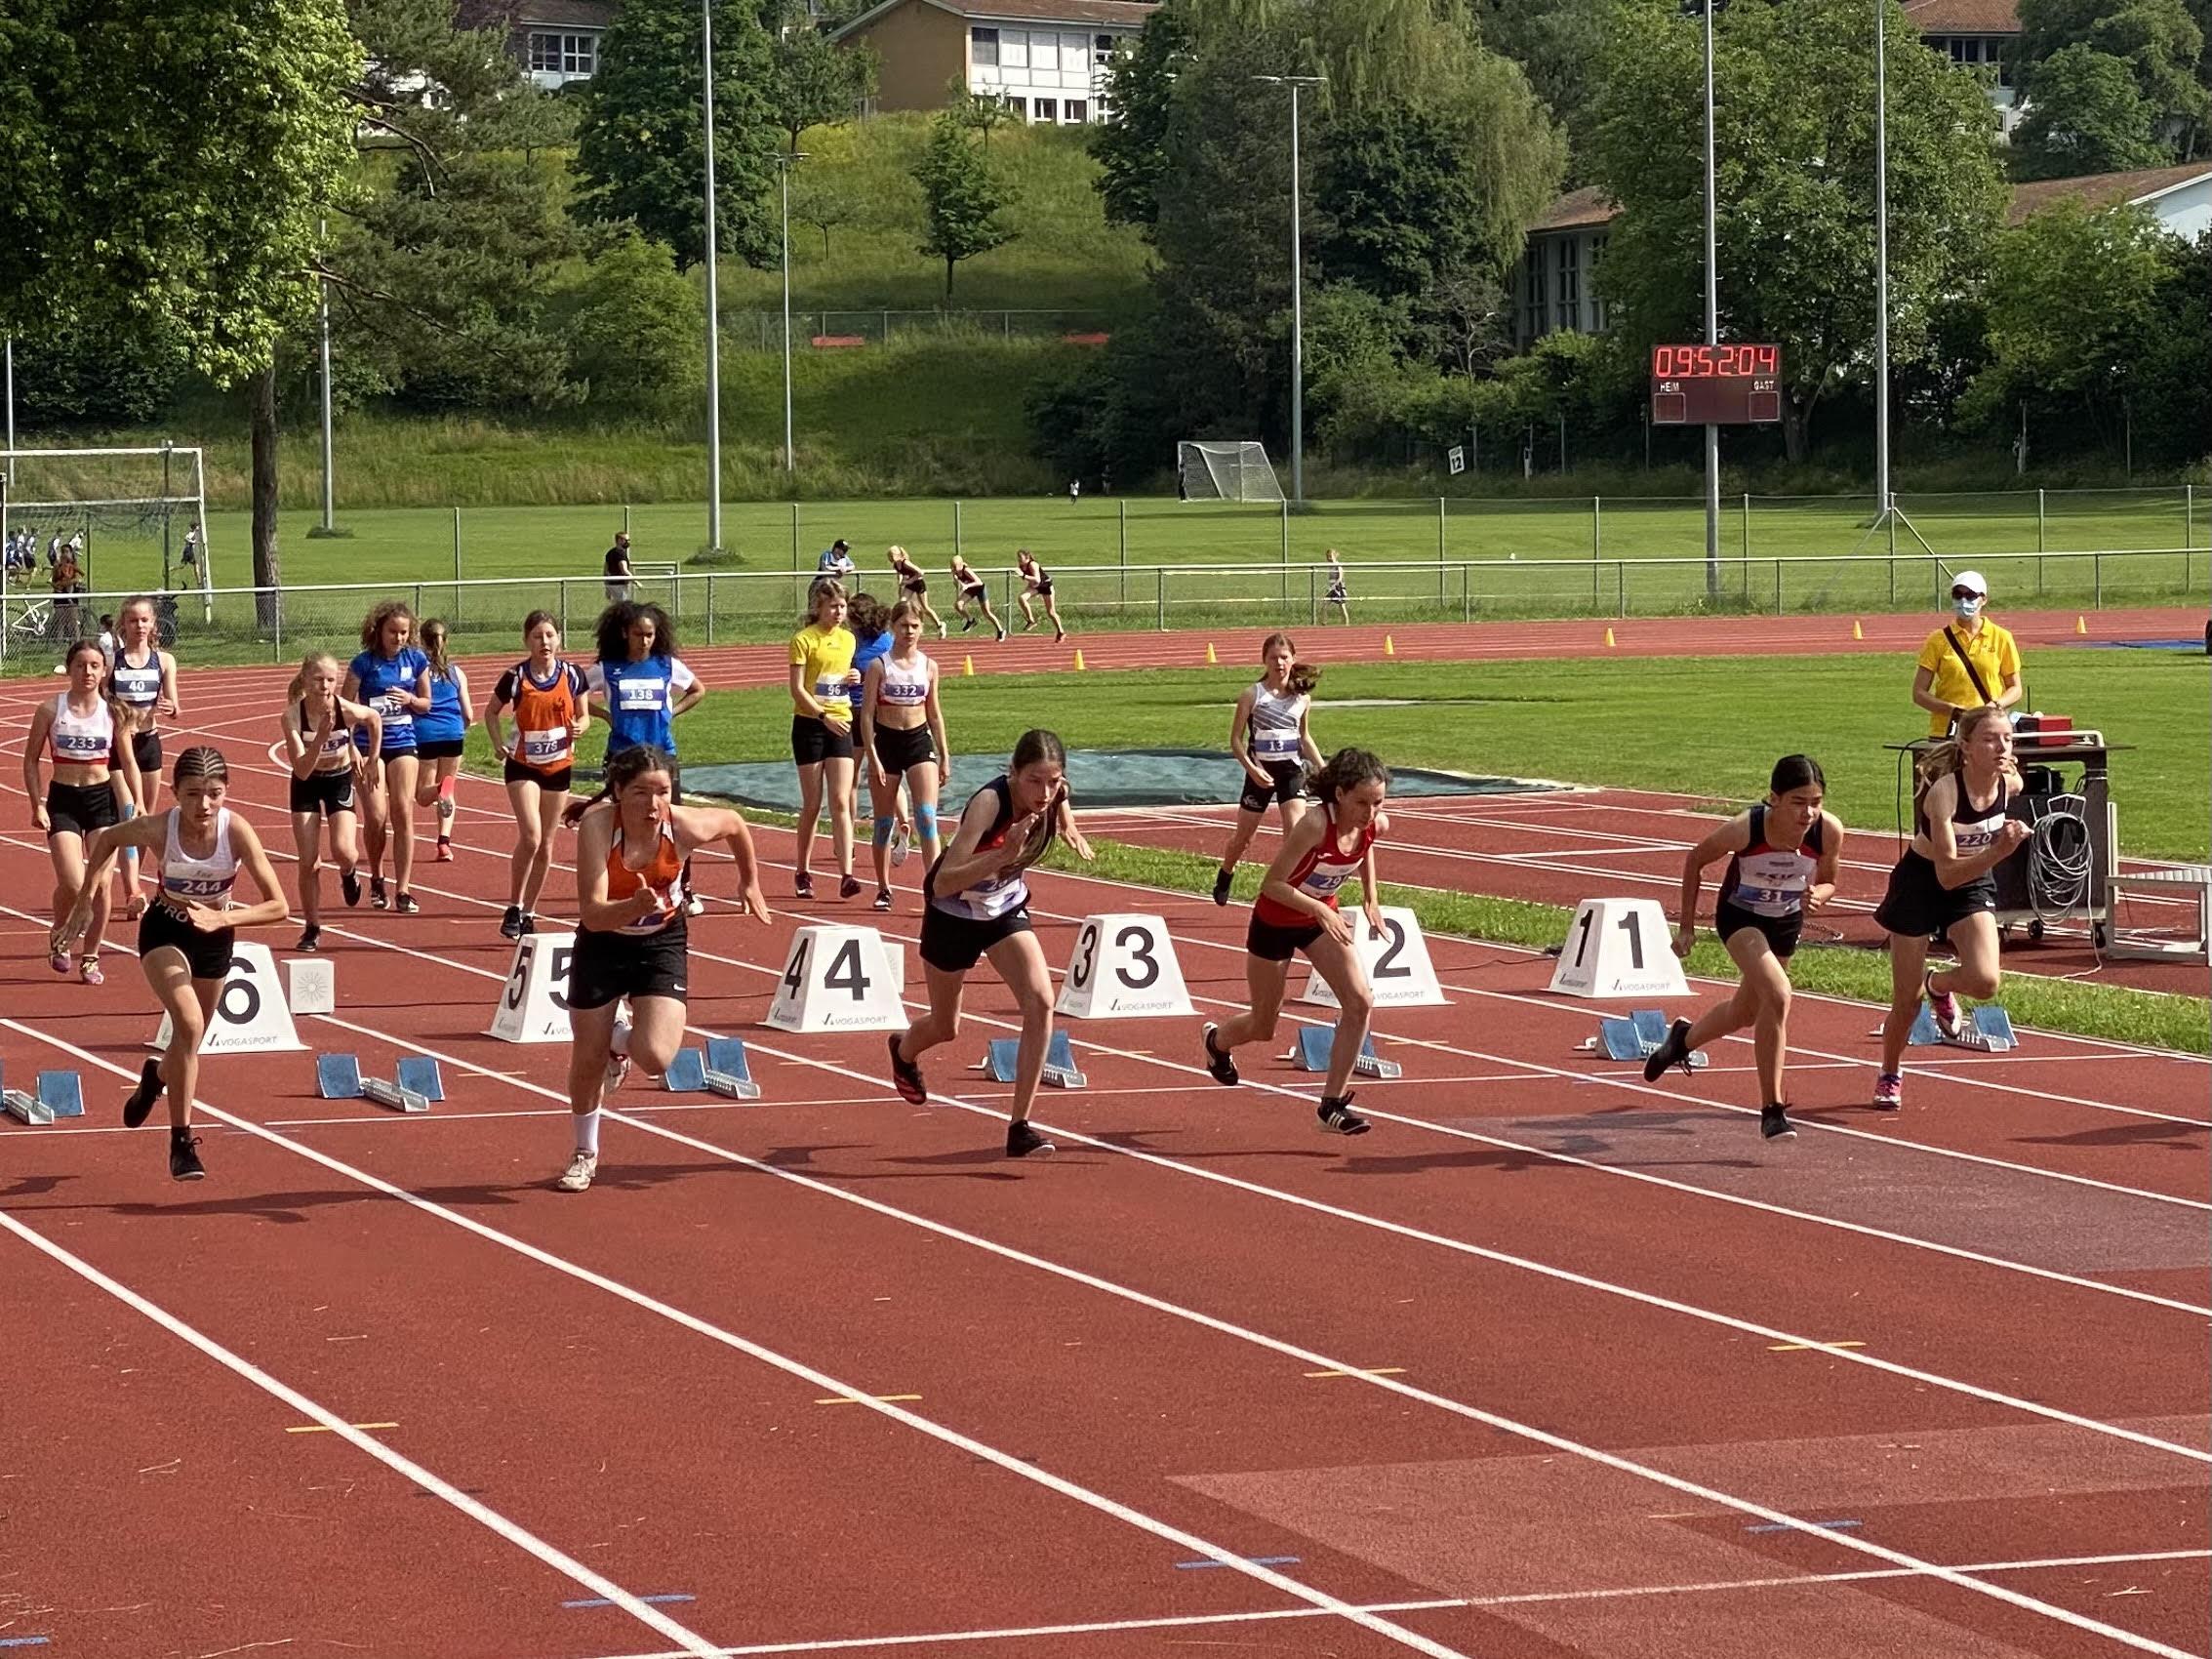 Erfolg an Innerschweizer Leichtathletikmeisterschaften